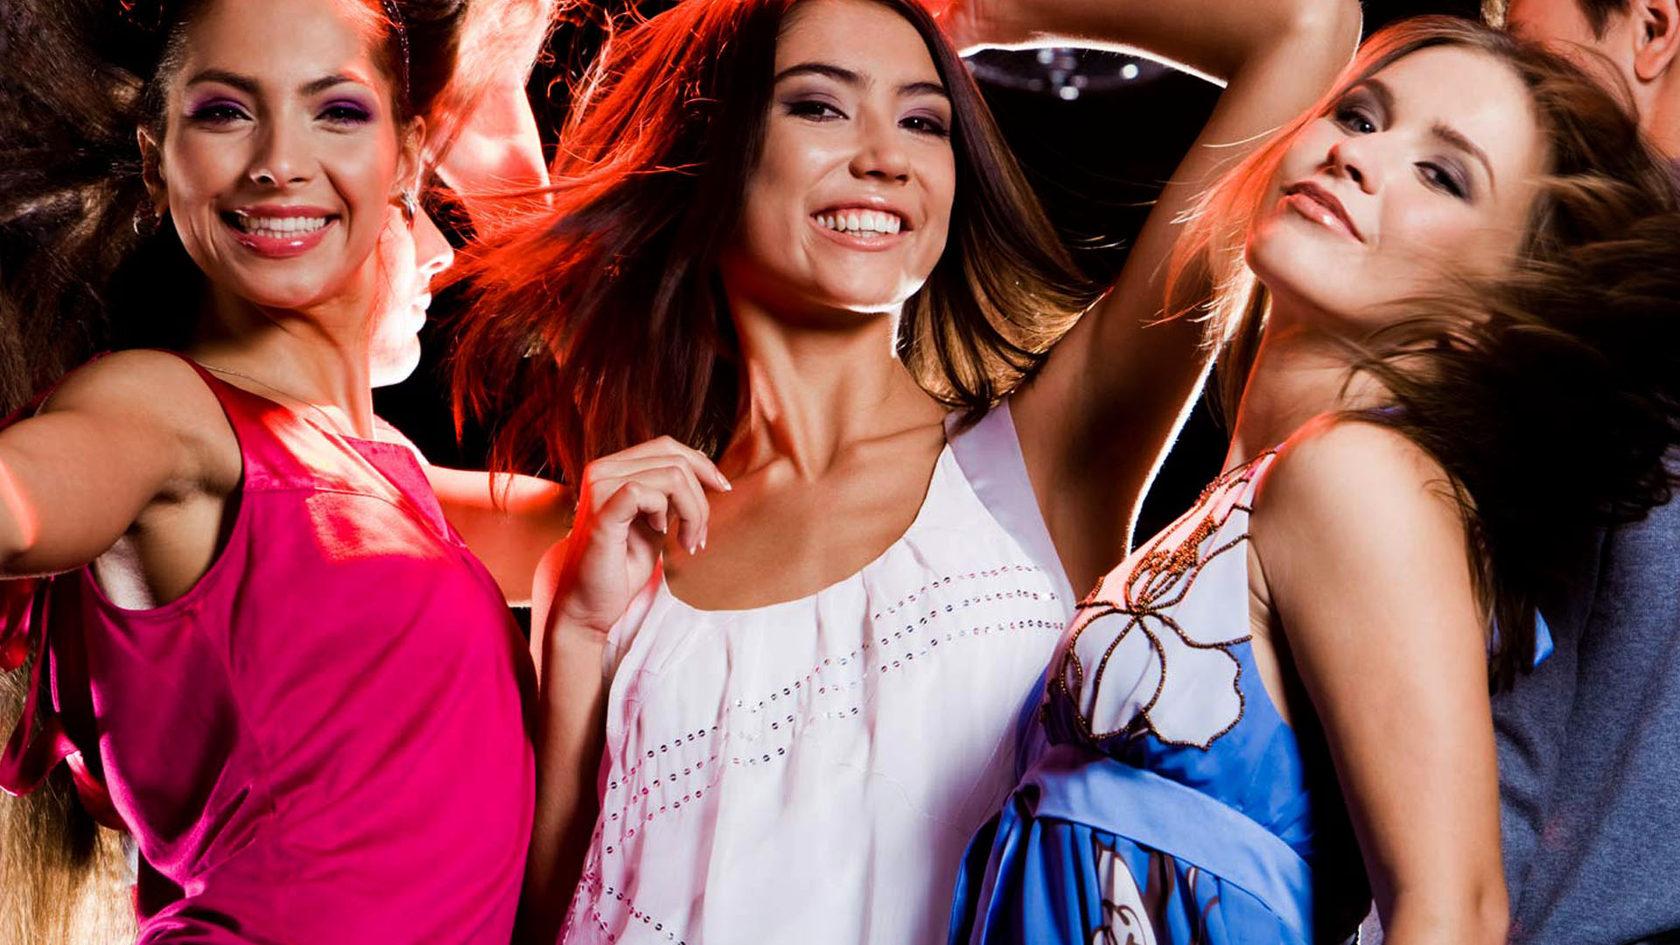 этого просто смотреть фото девушек на дискотеках решение нажать